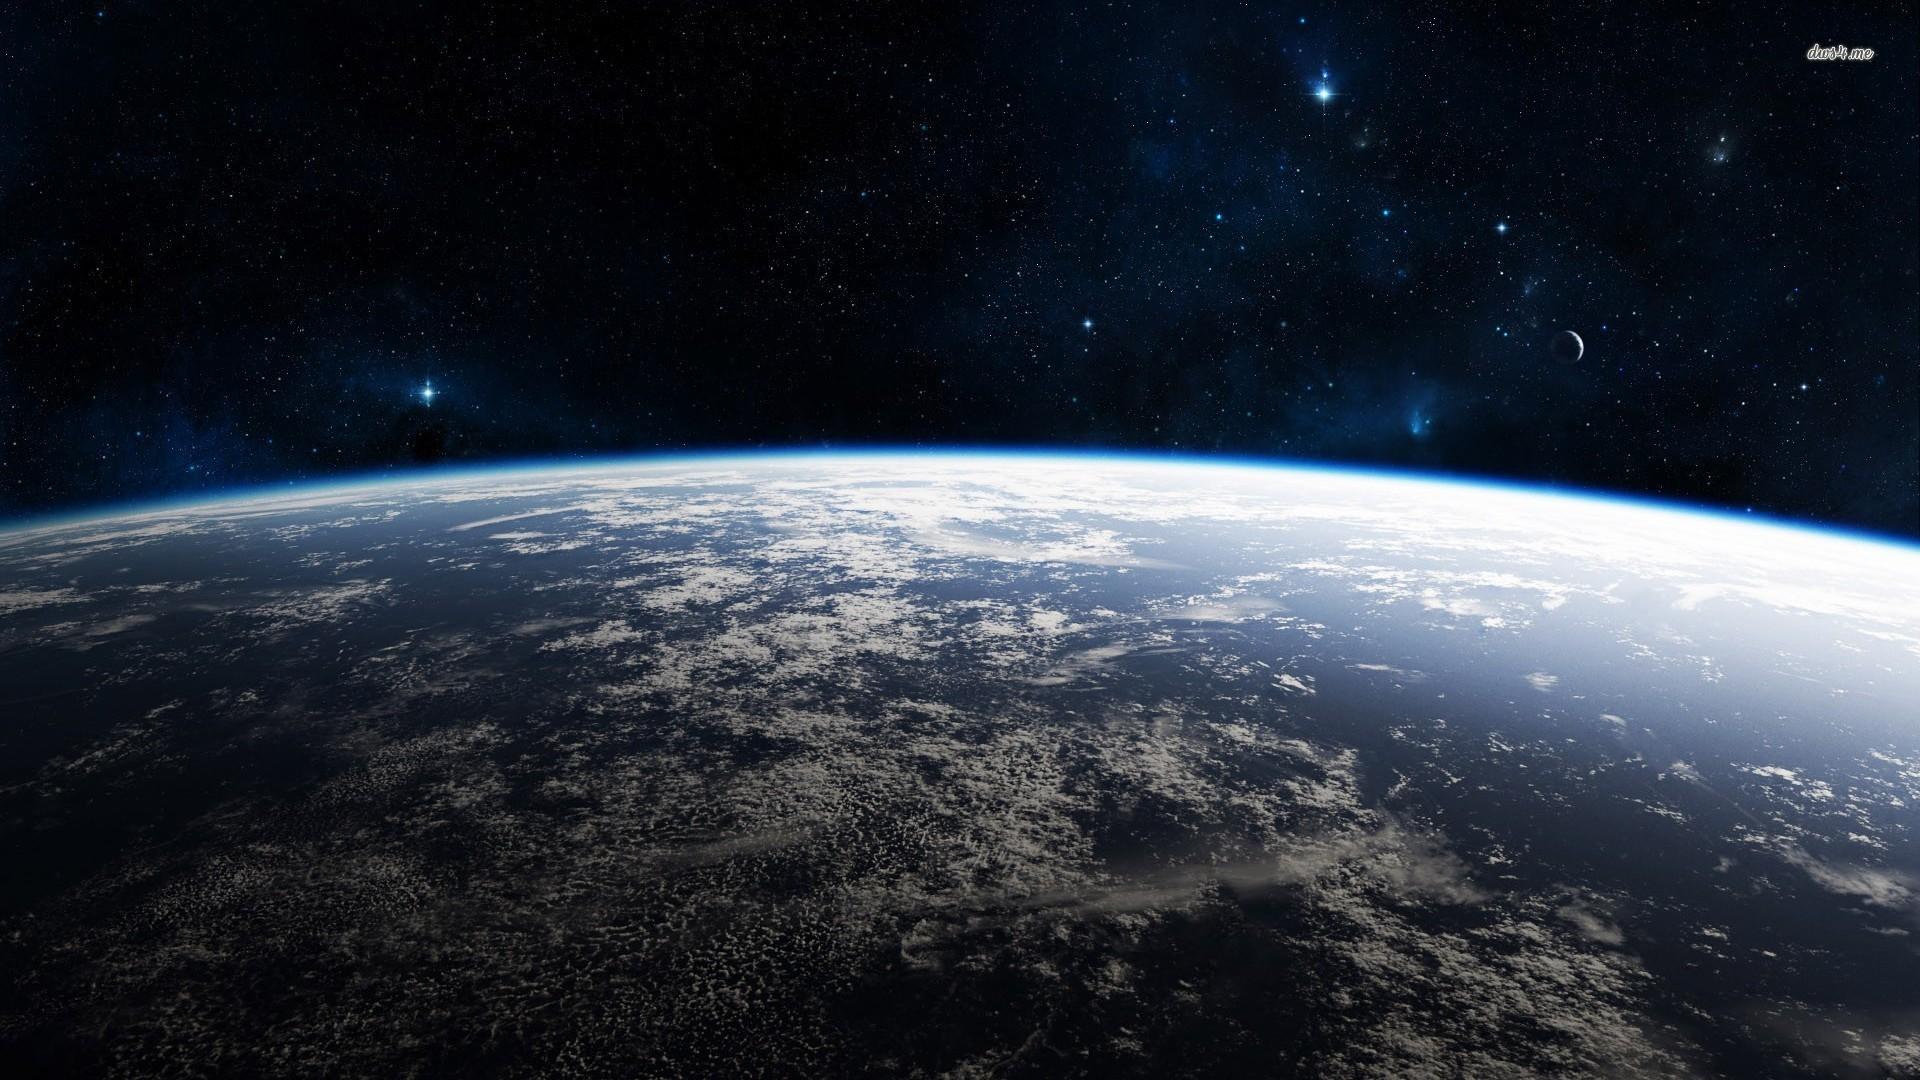 Nasa Earth Wallpaper 68 Images